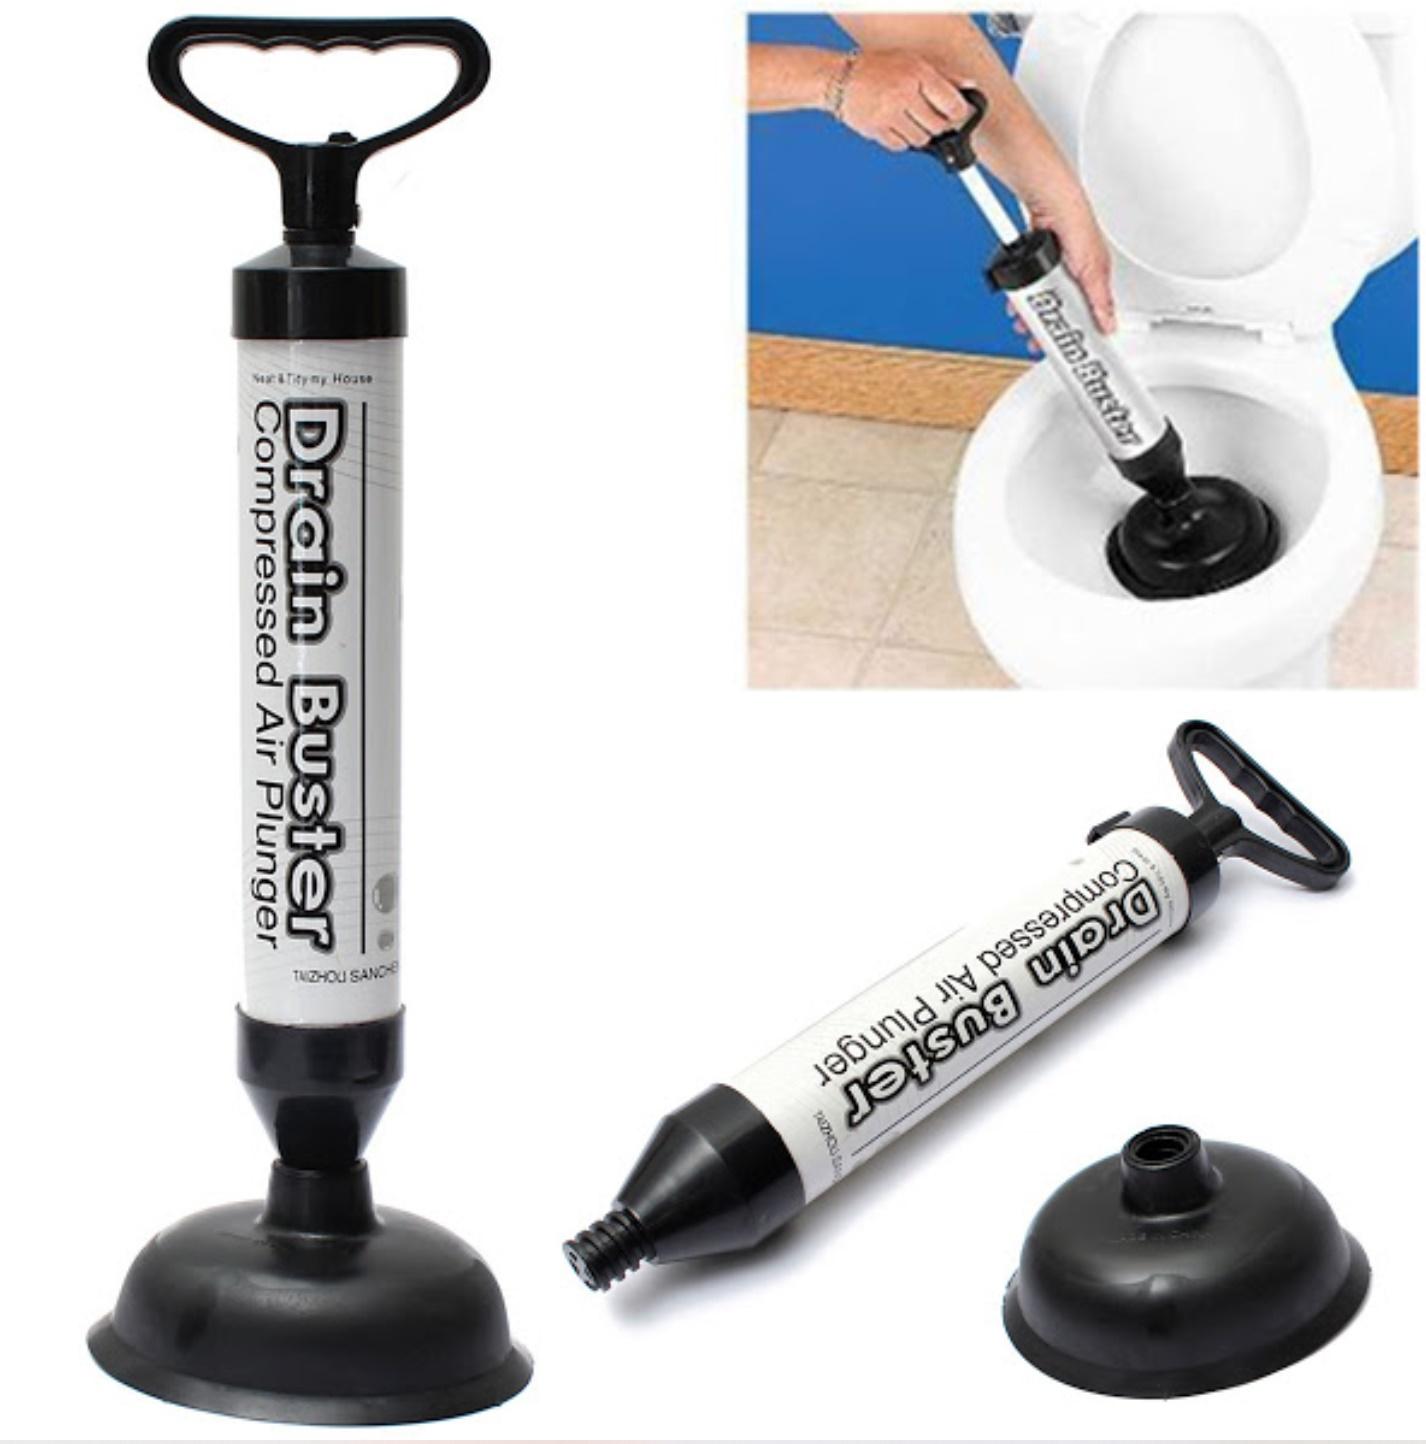 Pompa pentru desfundat Drain Buster cu camera de compresie